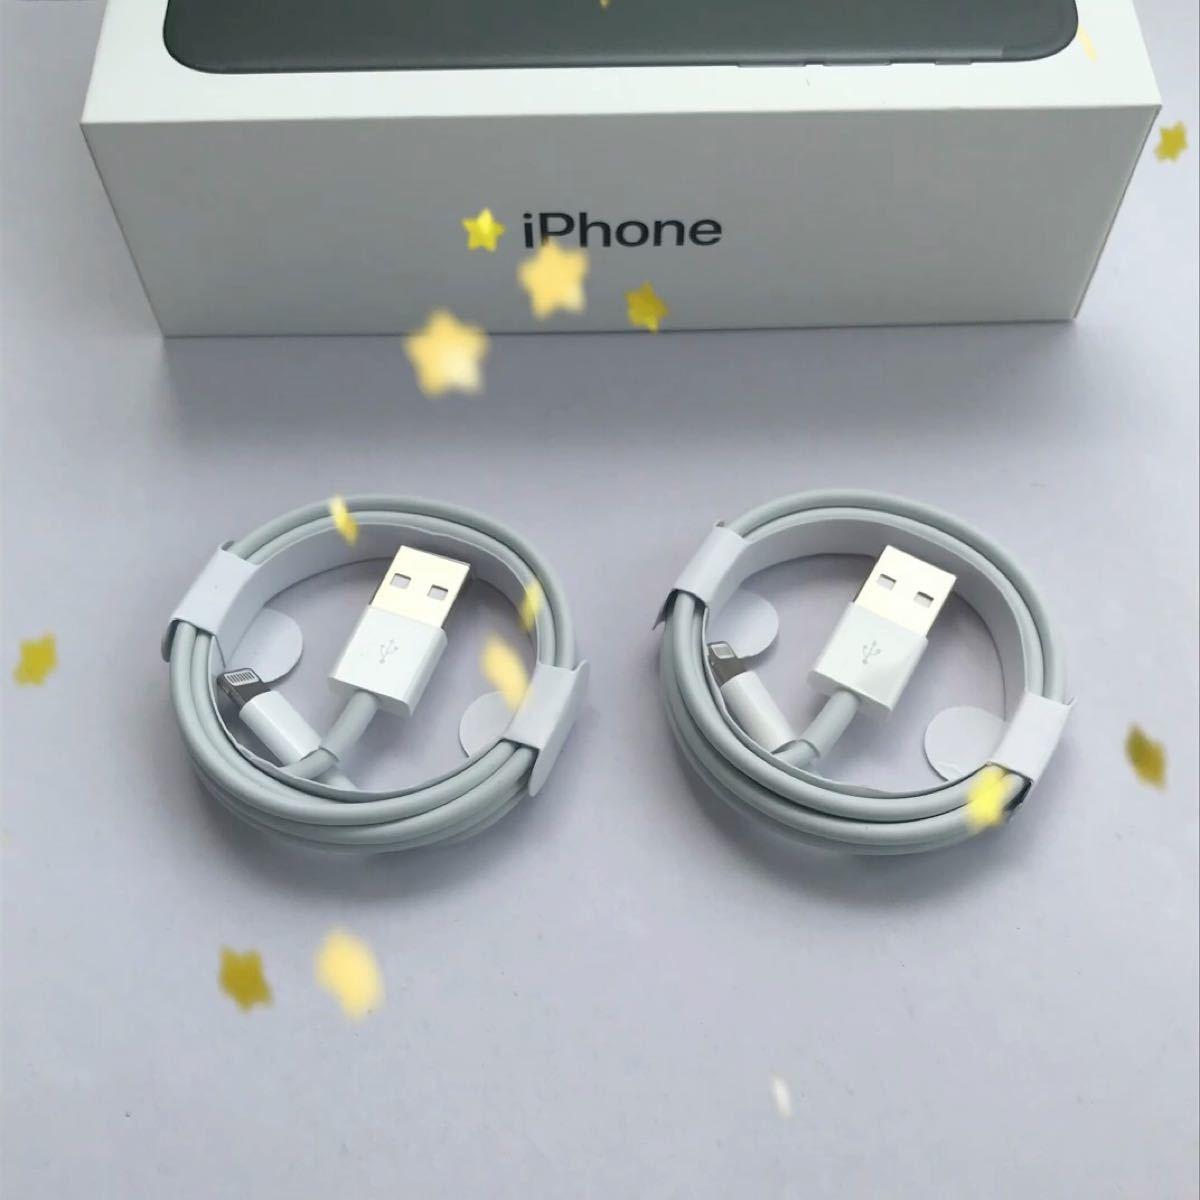 iPhone 充電器 充電ケーブル コード lightning cable ライトニングケーブル 2本セット